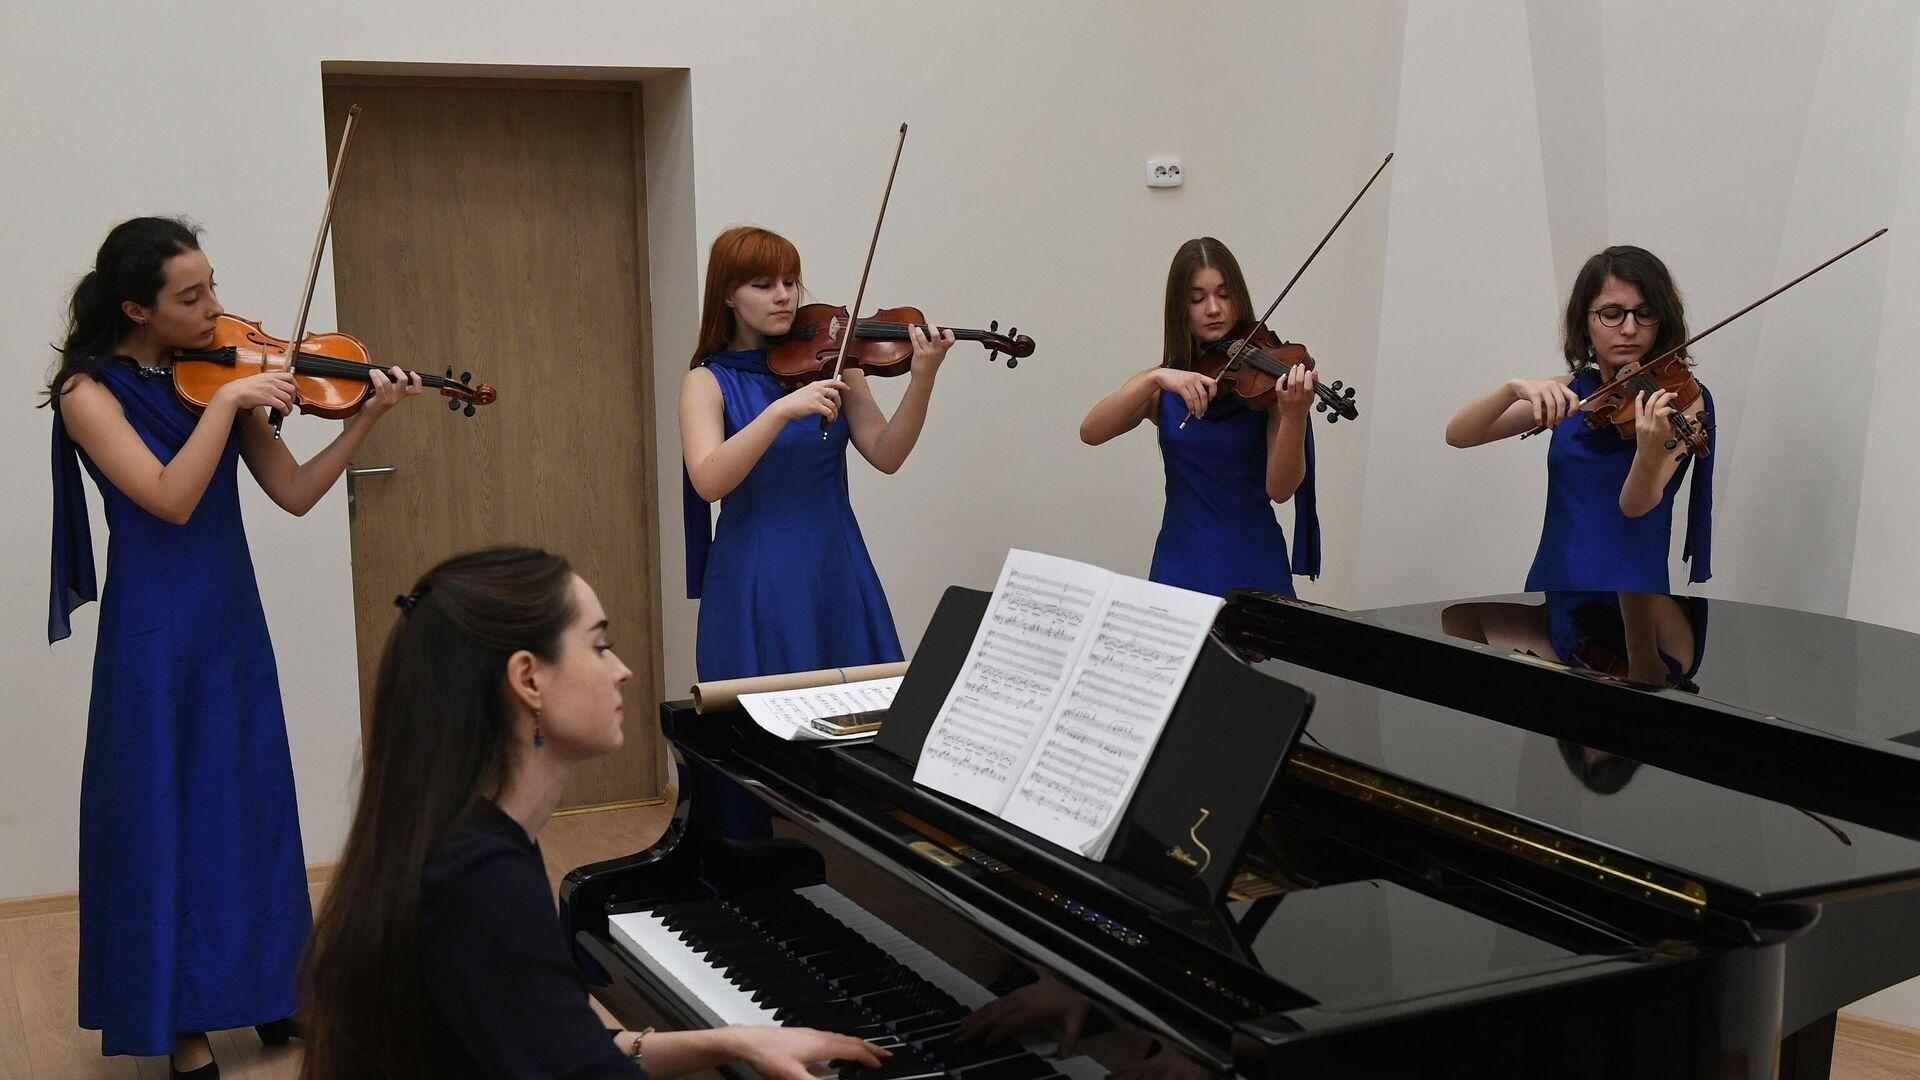 Музыкальная школа - РИА Новости, 1920, 22.09.2020